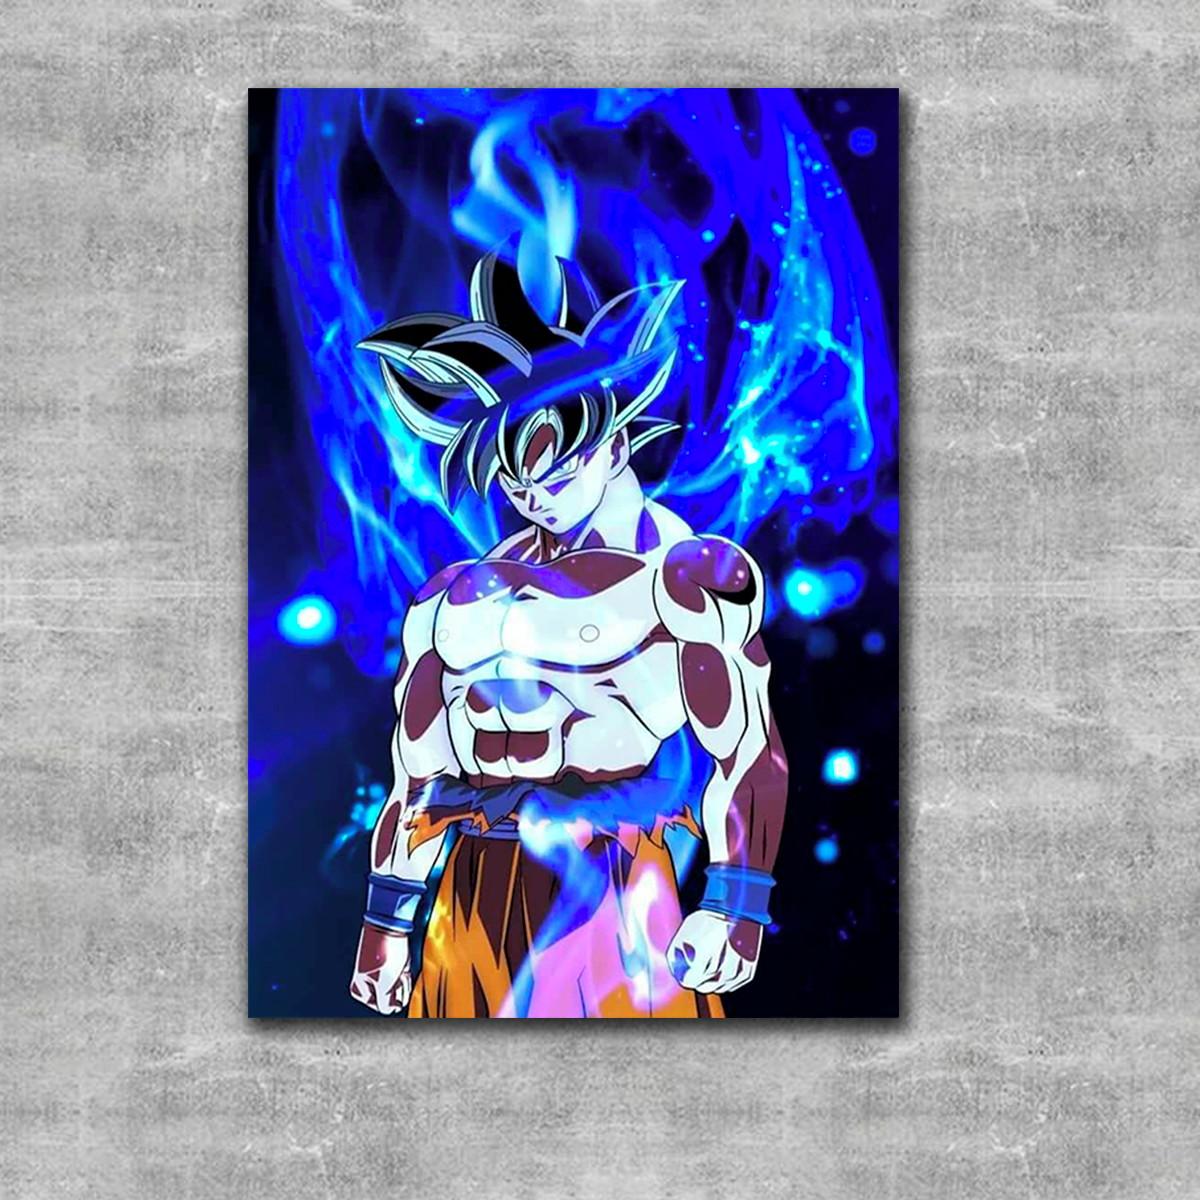 Quadro Goku Instinto Superior Dragon Ball Super Promoção